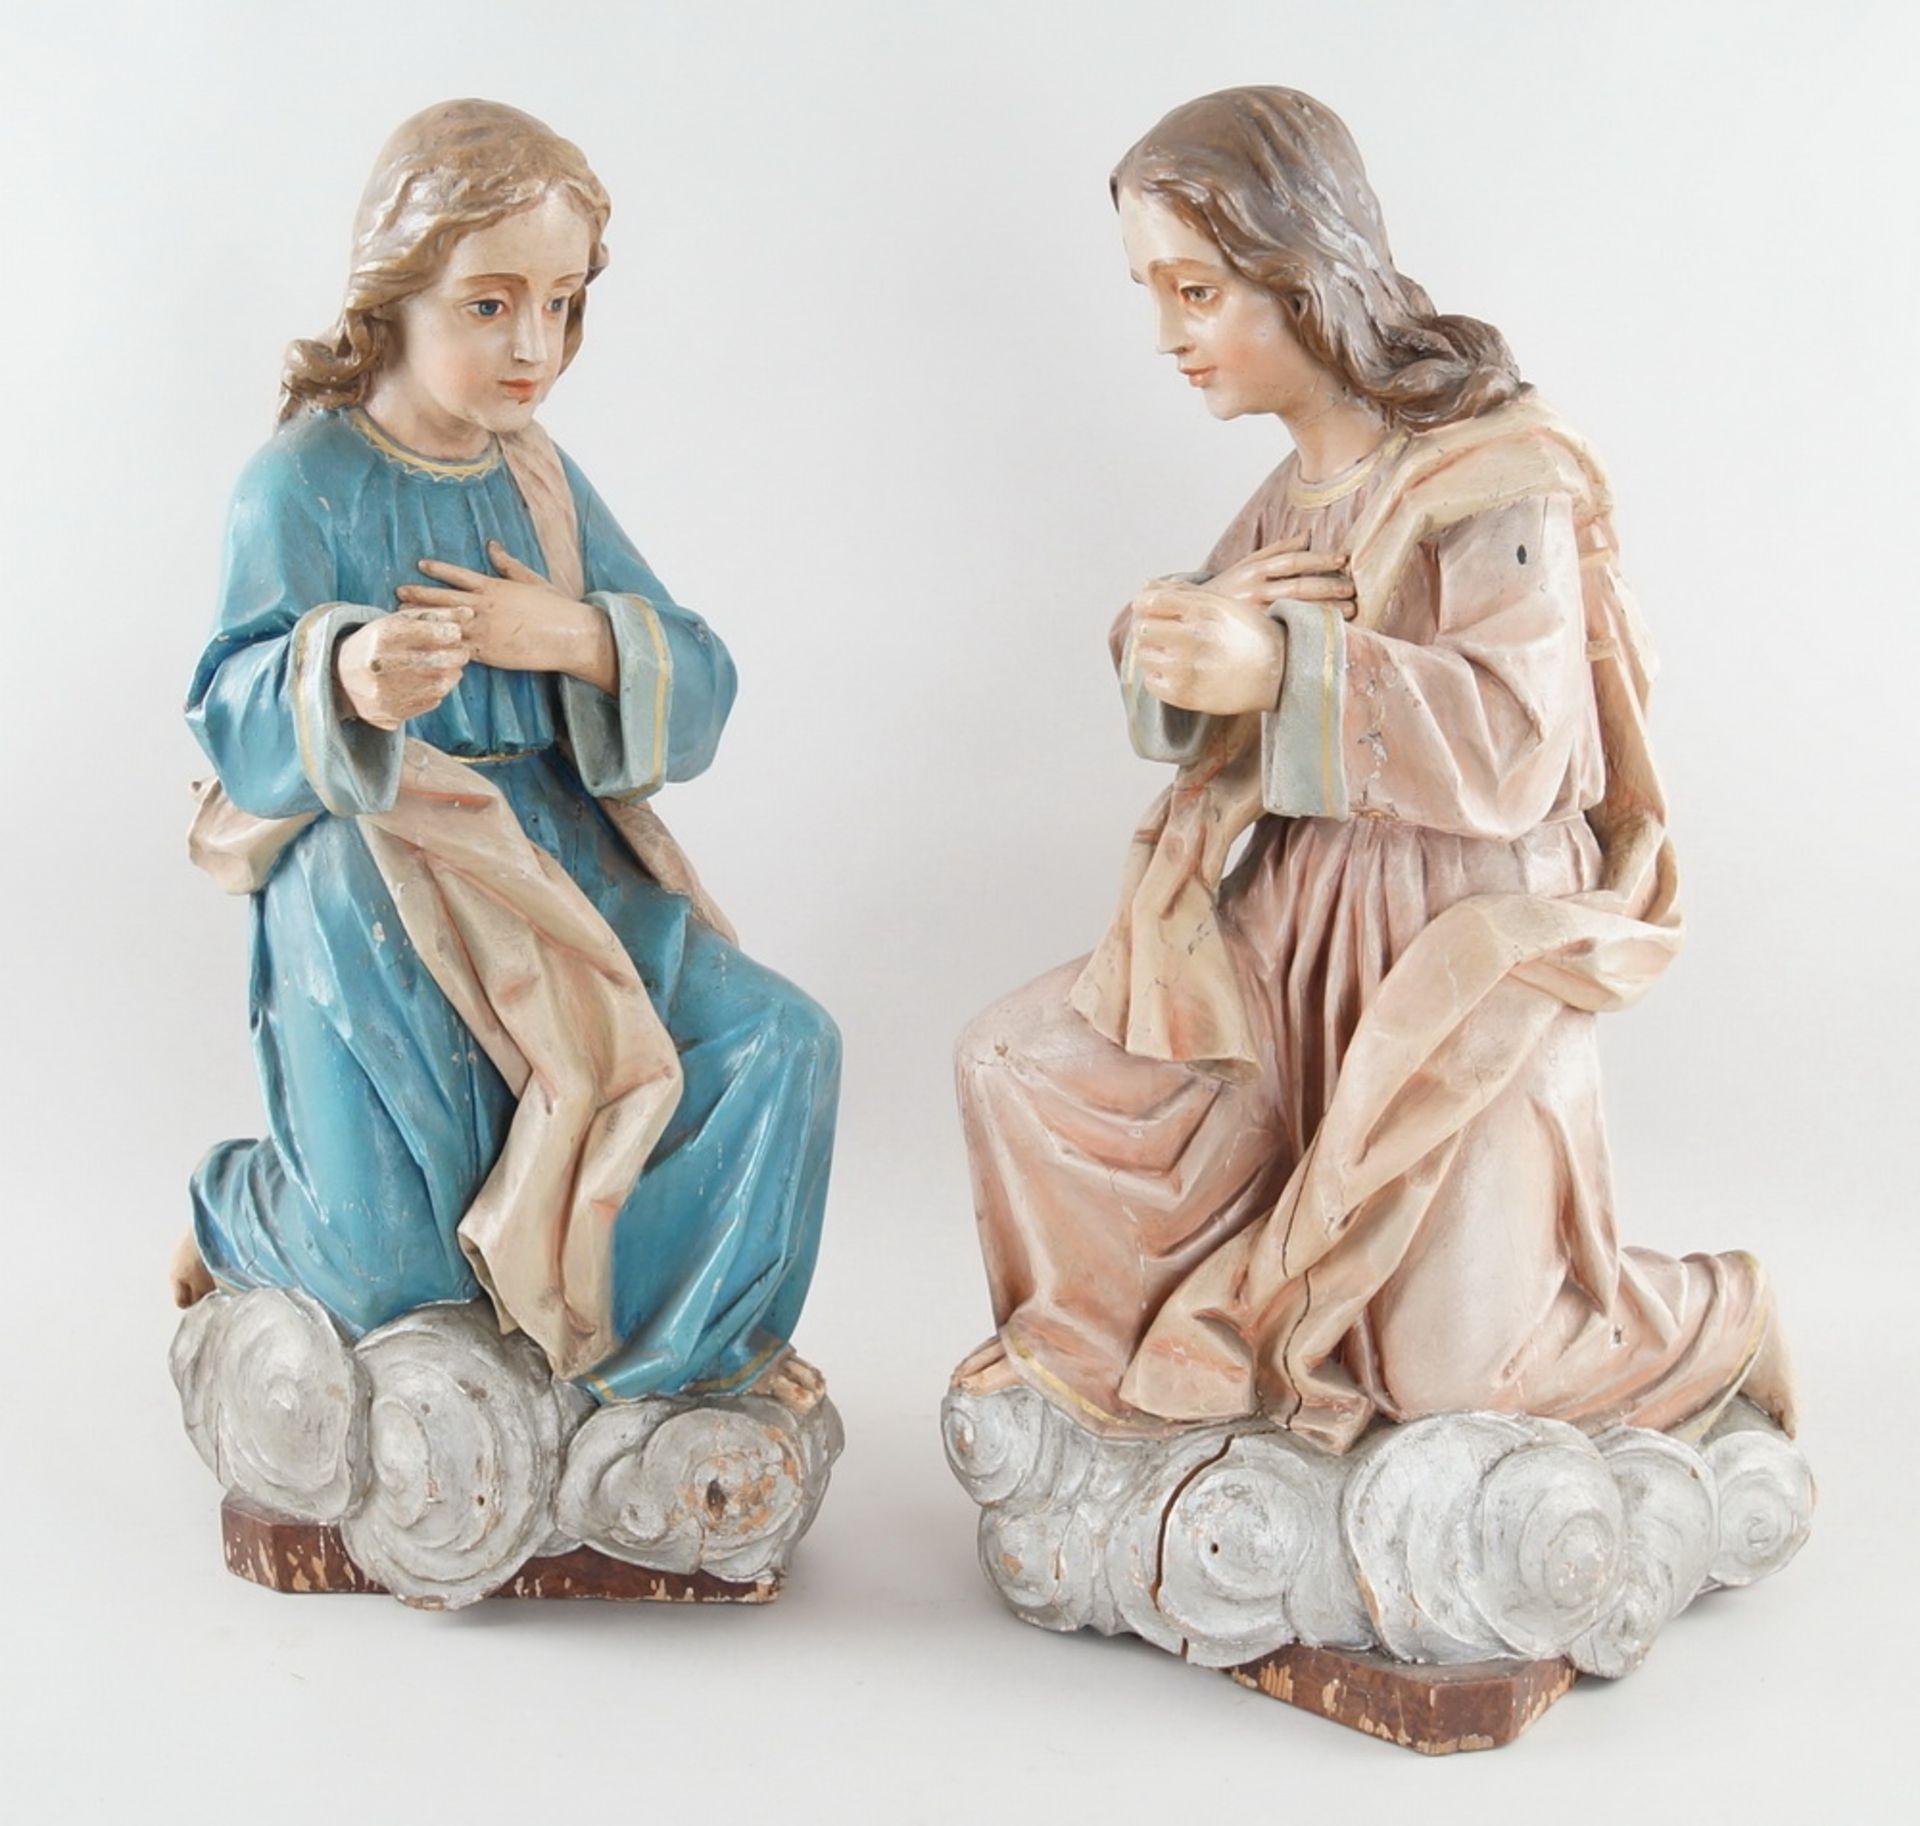 Zwei kniende Engel mit Flügel, 18. JH, Holz geschnitzt und gefasst, rest.-bed., H je 73cm - Bild 2 aus 15